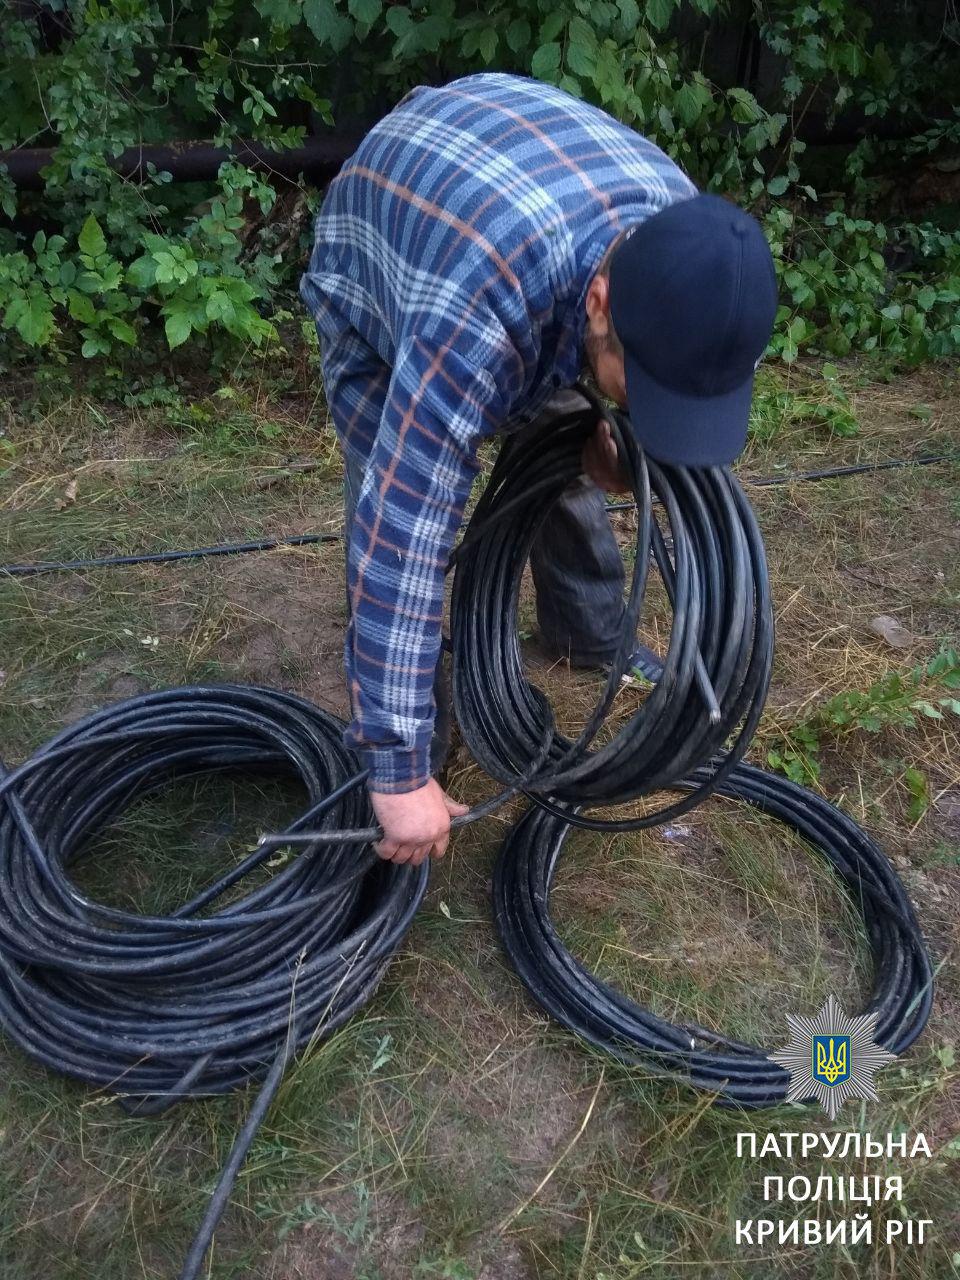 Двое криворожан не смогли объяснить, откуда взяли украденный кабель, - ФОТО, фото-6